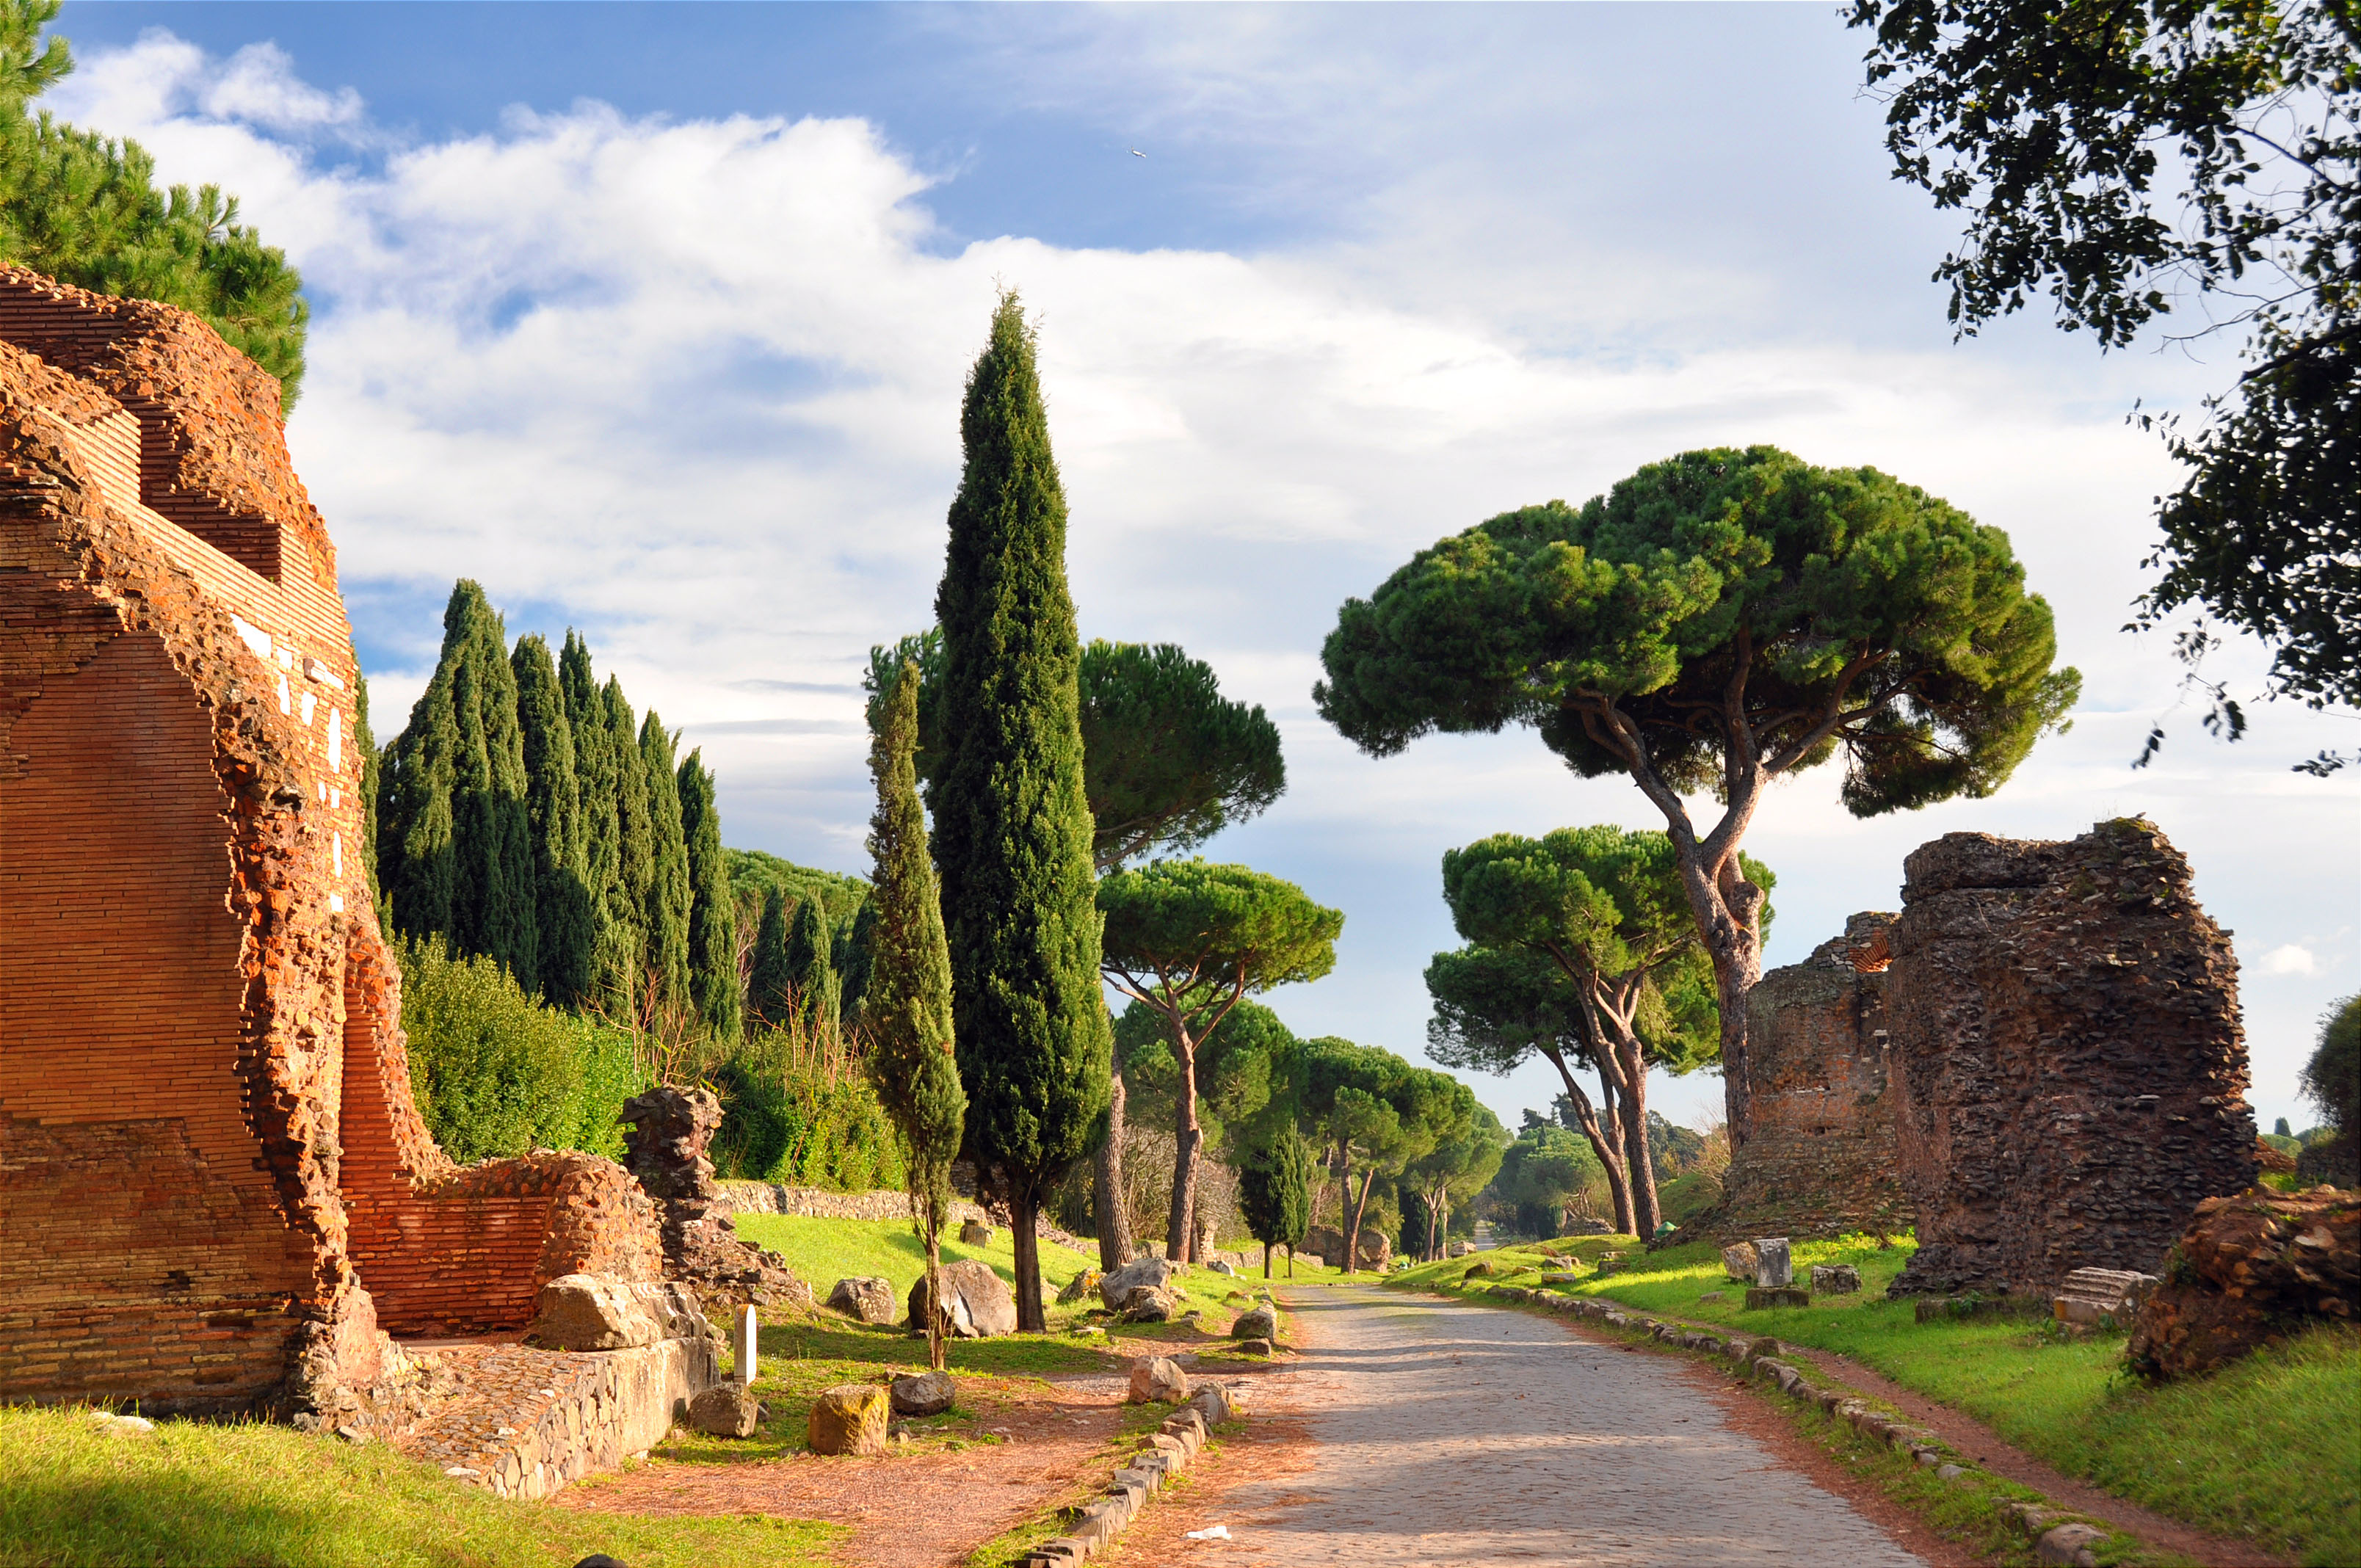 antica strada romana con cipressi e rovine